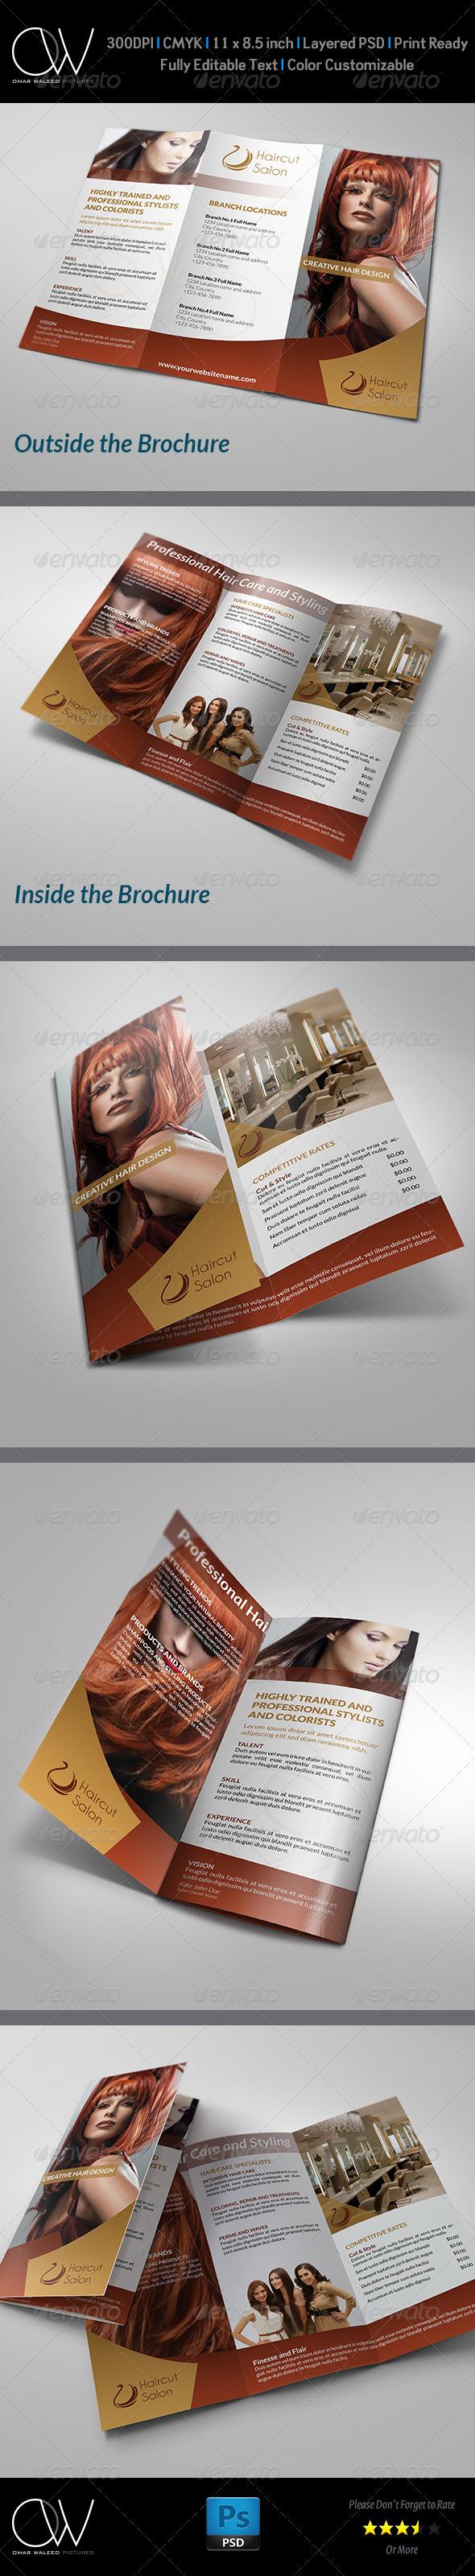 Hair Stylist & Salon Tri-Fold Brochure - Brochures Print Templates